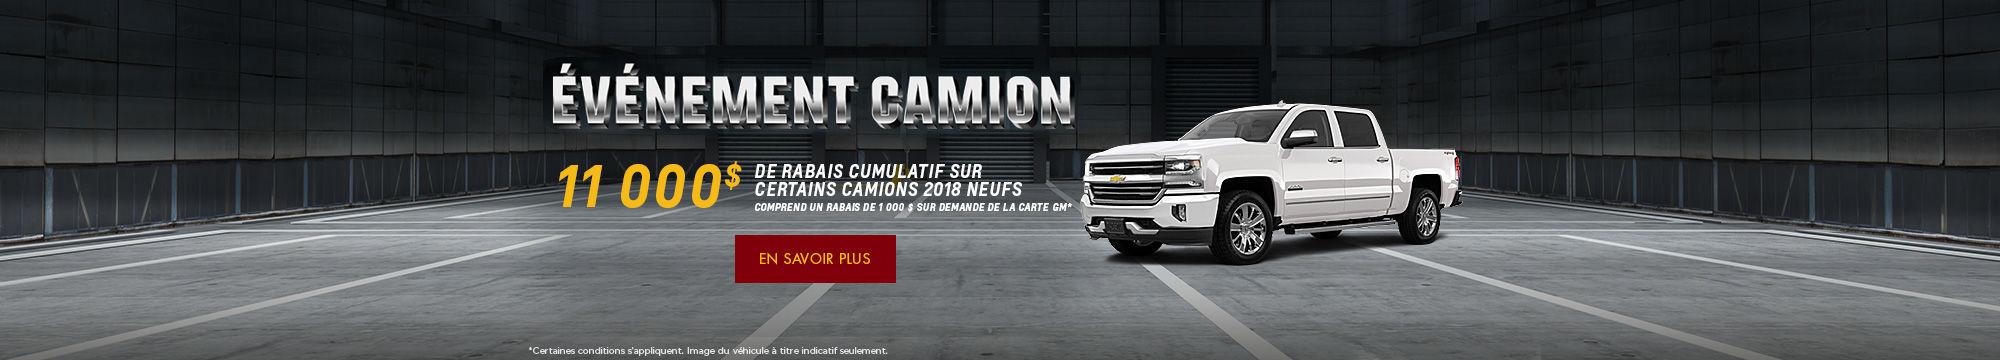 Événement camion - Chevrolet